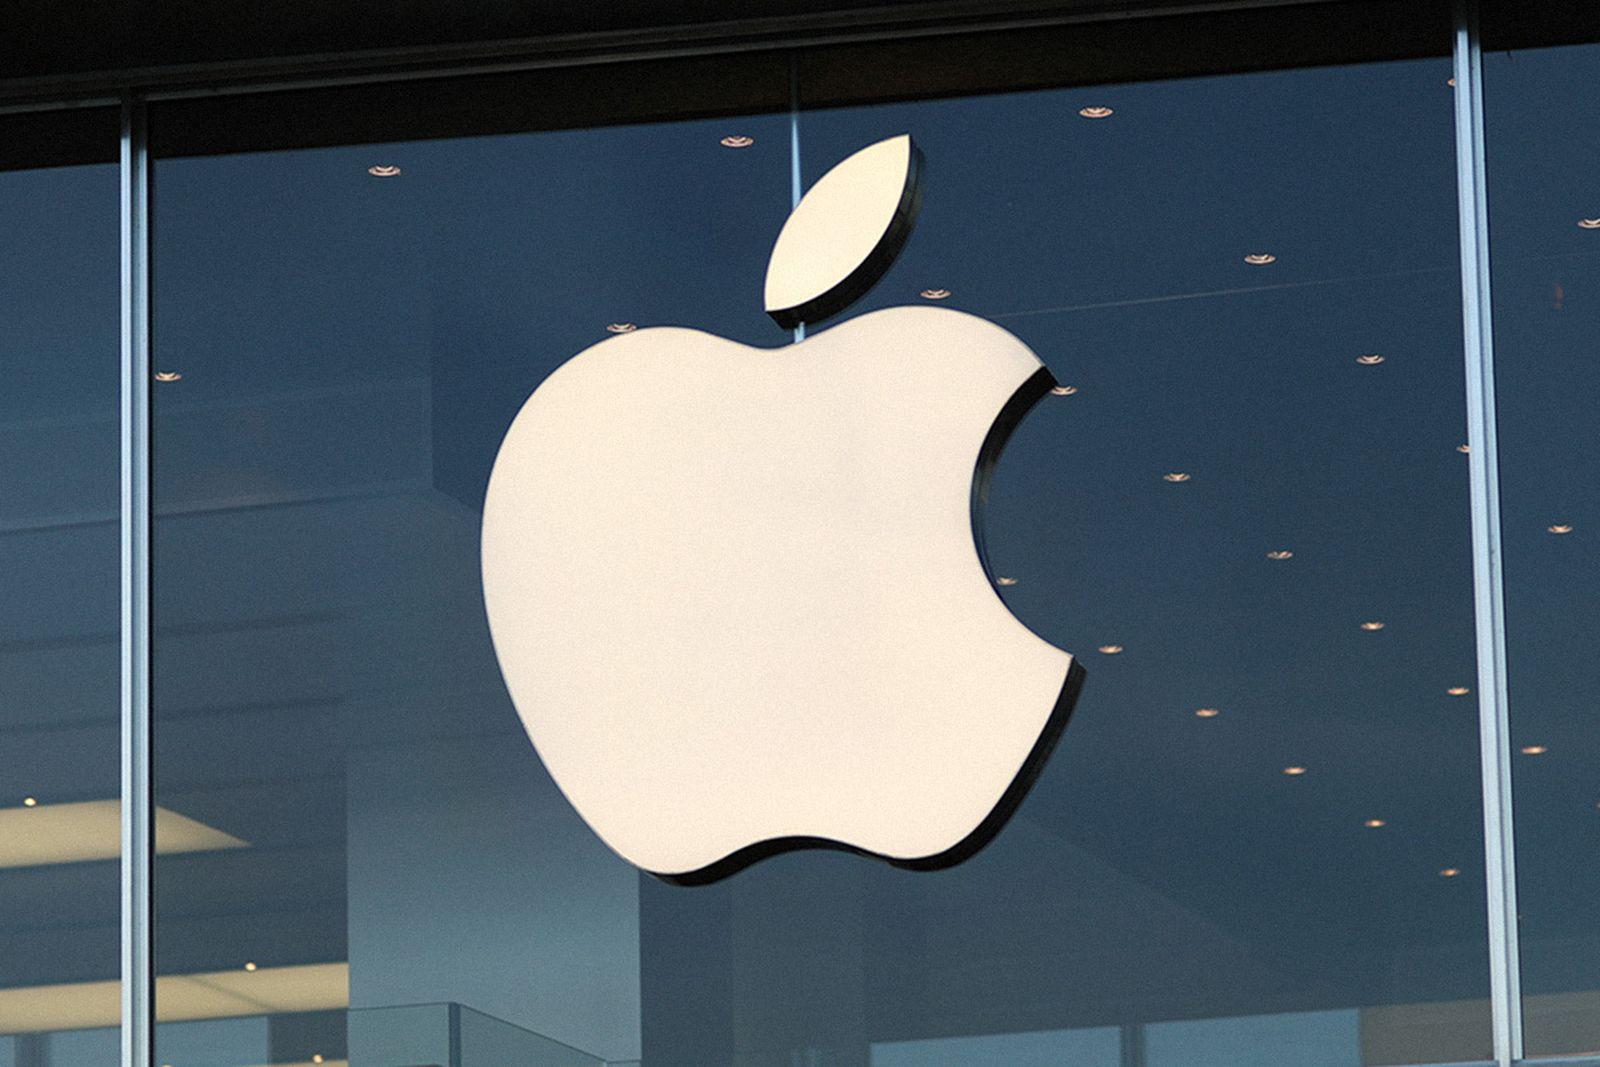 apple-car-main